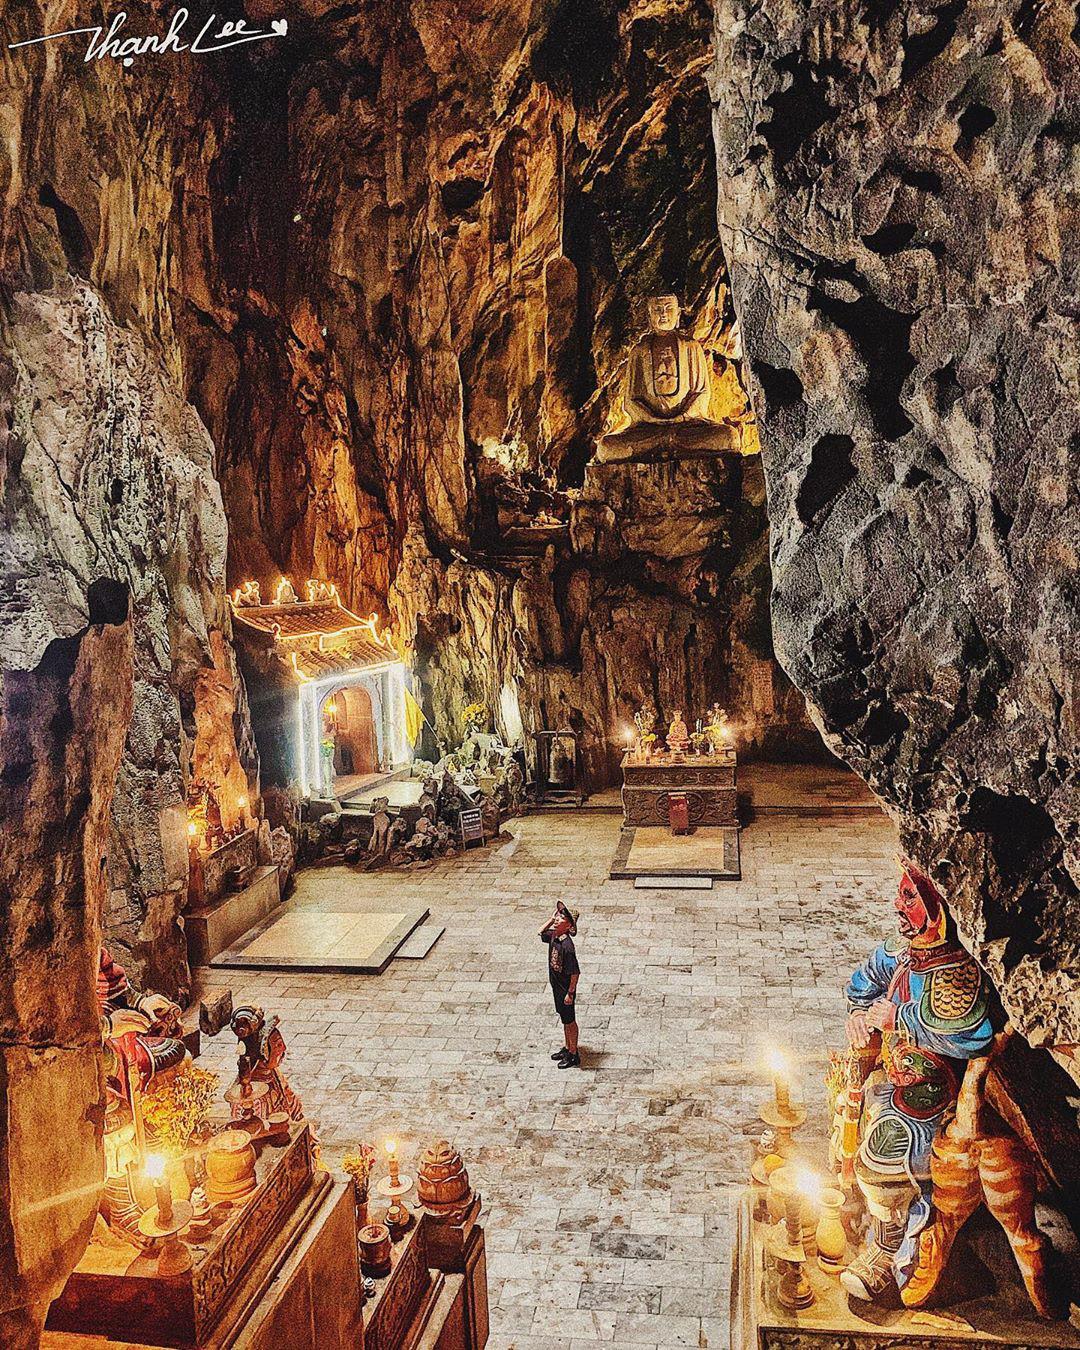 Tour du lịch Tết TP HCM - Đà Nẵng 3 ngày 2 đêm - Ảnh 5.